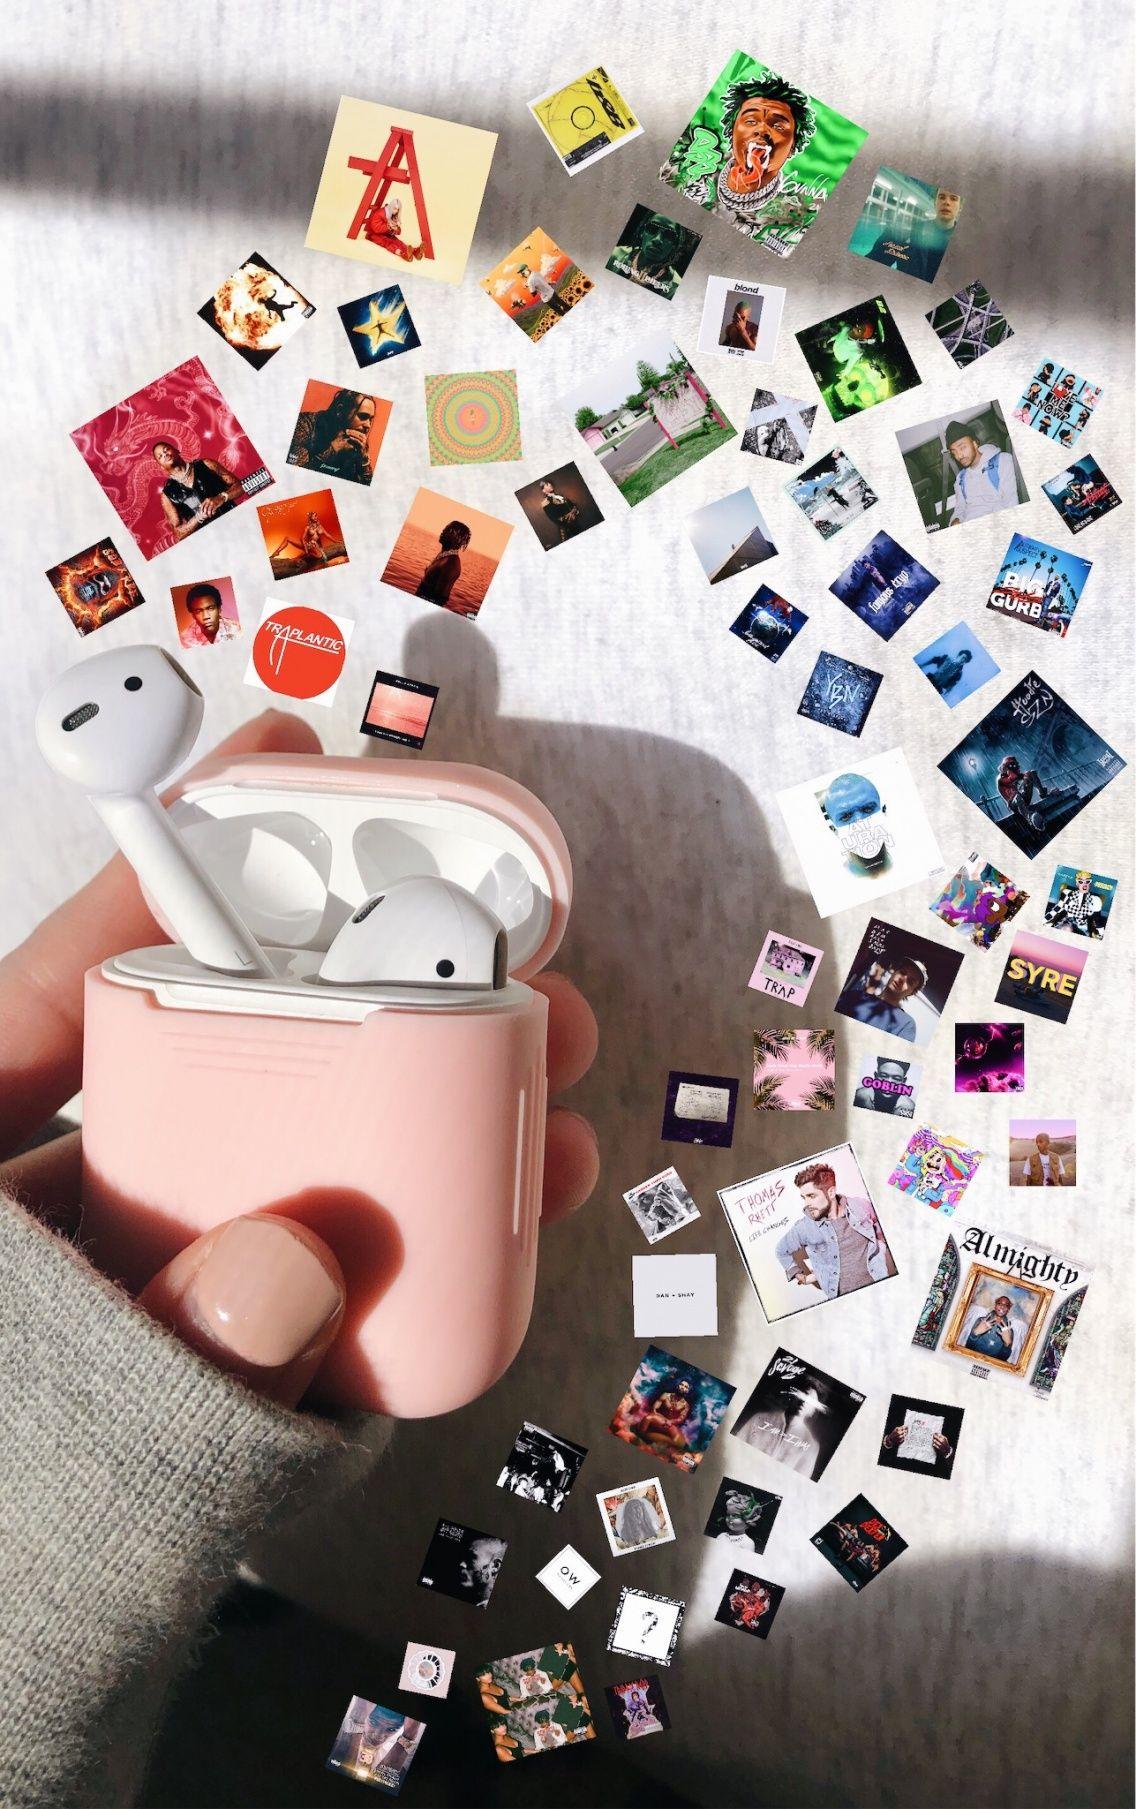 inspo from rileydruhot 💓 apple music menswearmads